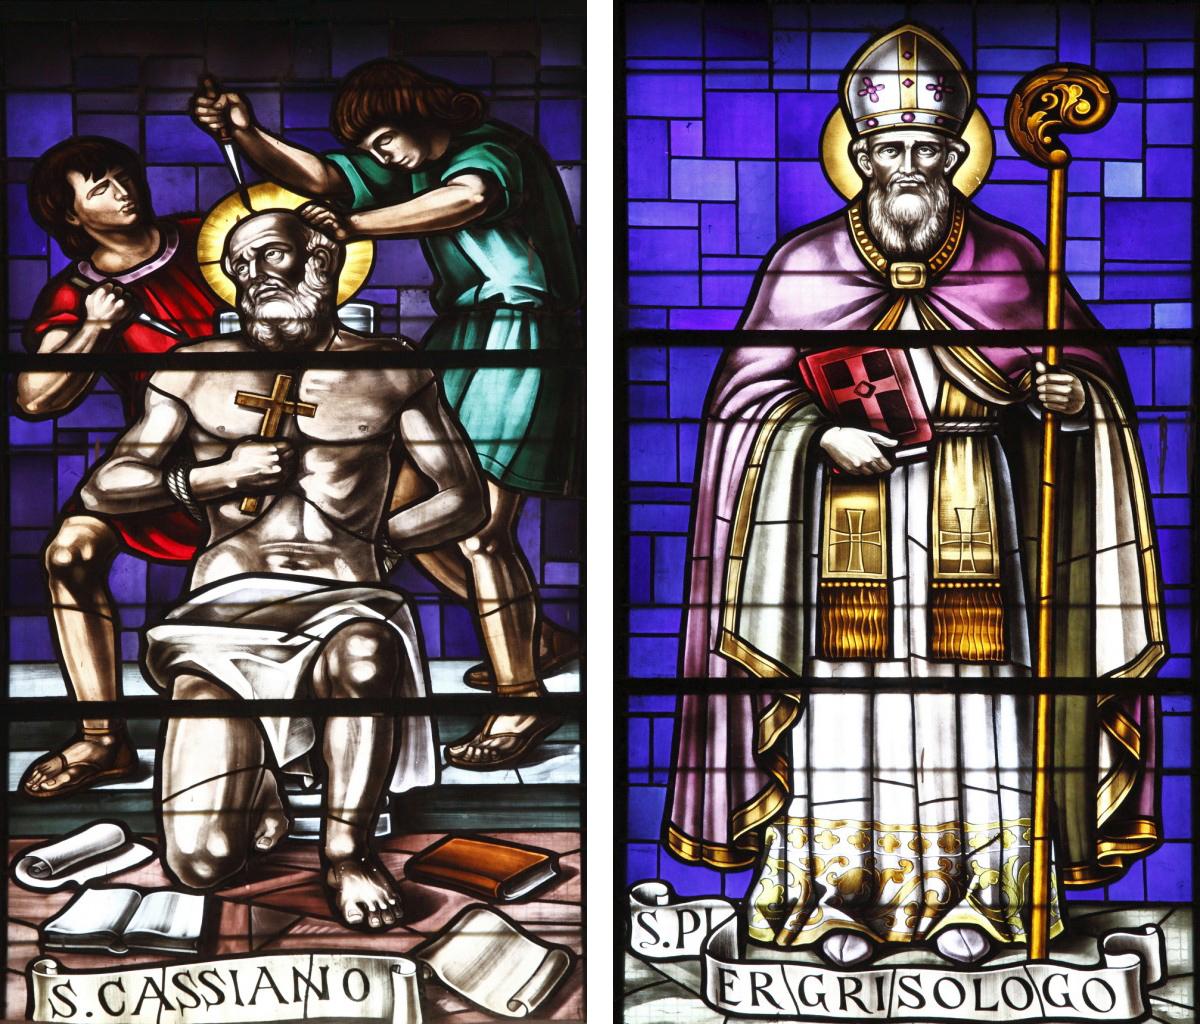 Vetrate di San Cassiano e San Pier Crisologo presso il Santuario della B.V. della Consolazione